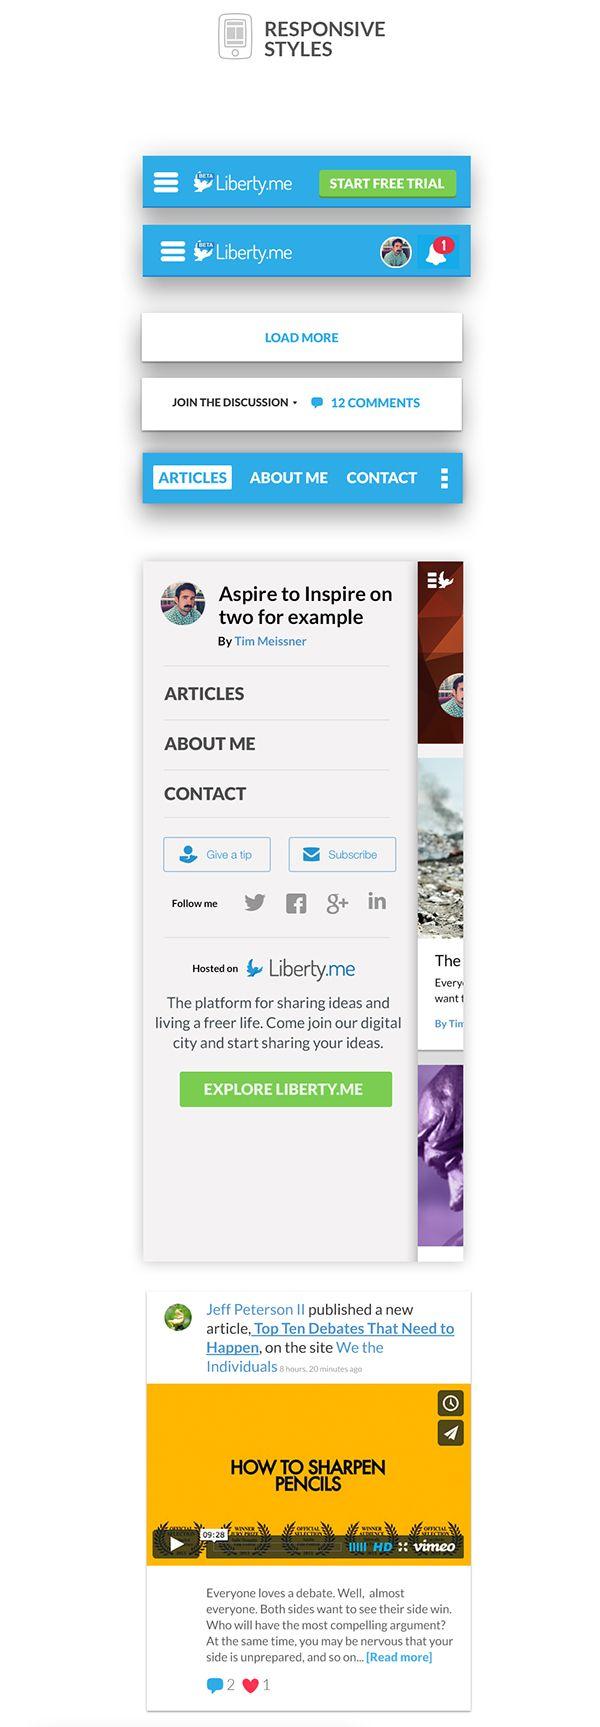 Liberty.me - UI UX Web Design